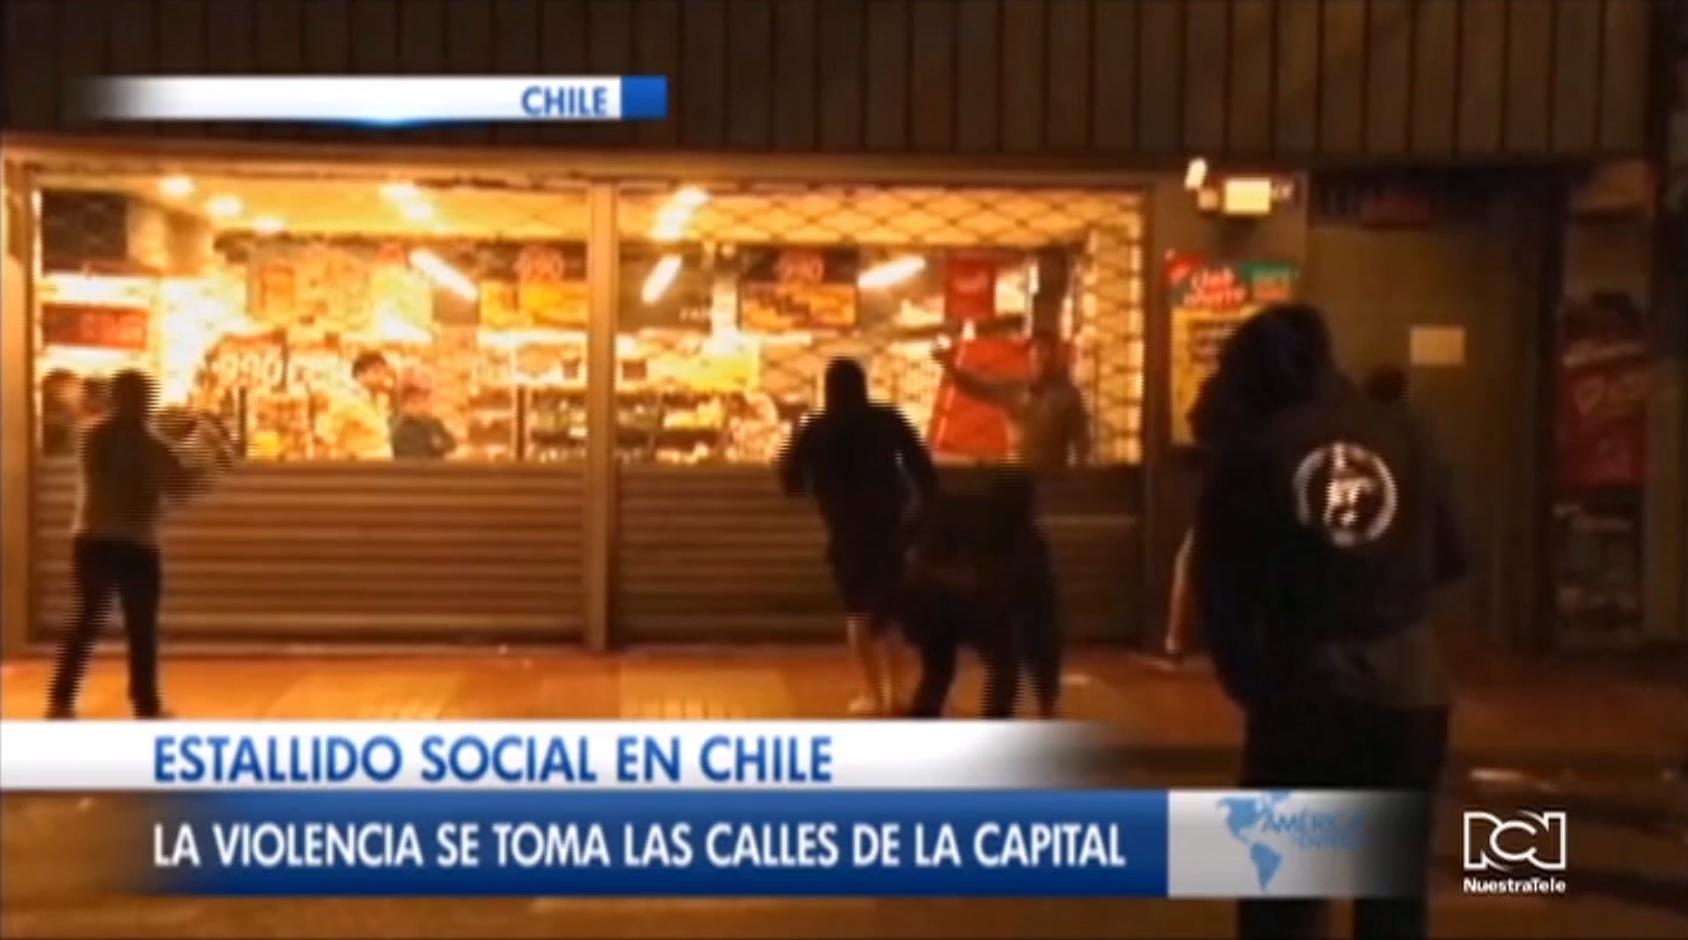 Elevan a 10 el número de muertos durante las protestas en Chile